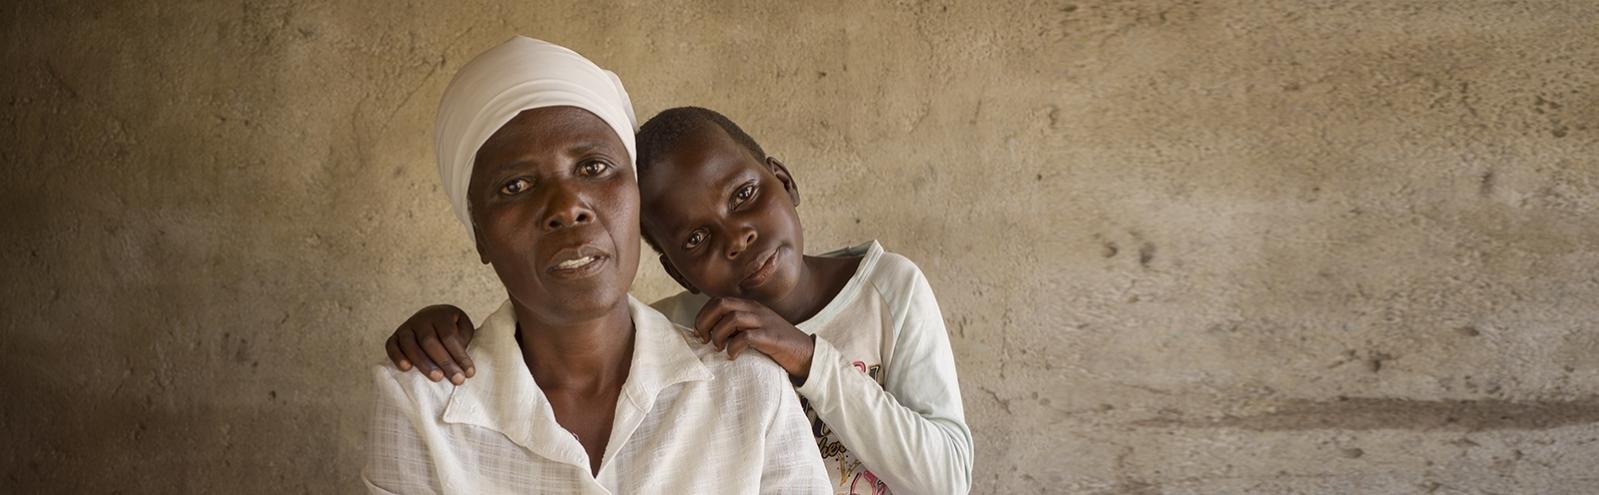 Help vrouwen en meisjes met hiv en aids